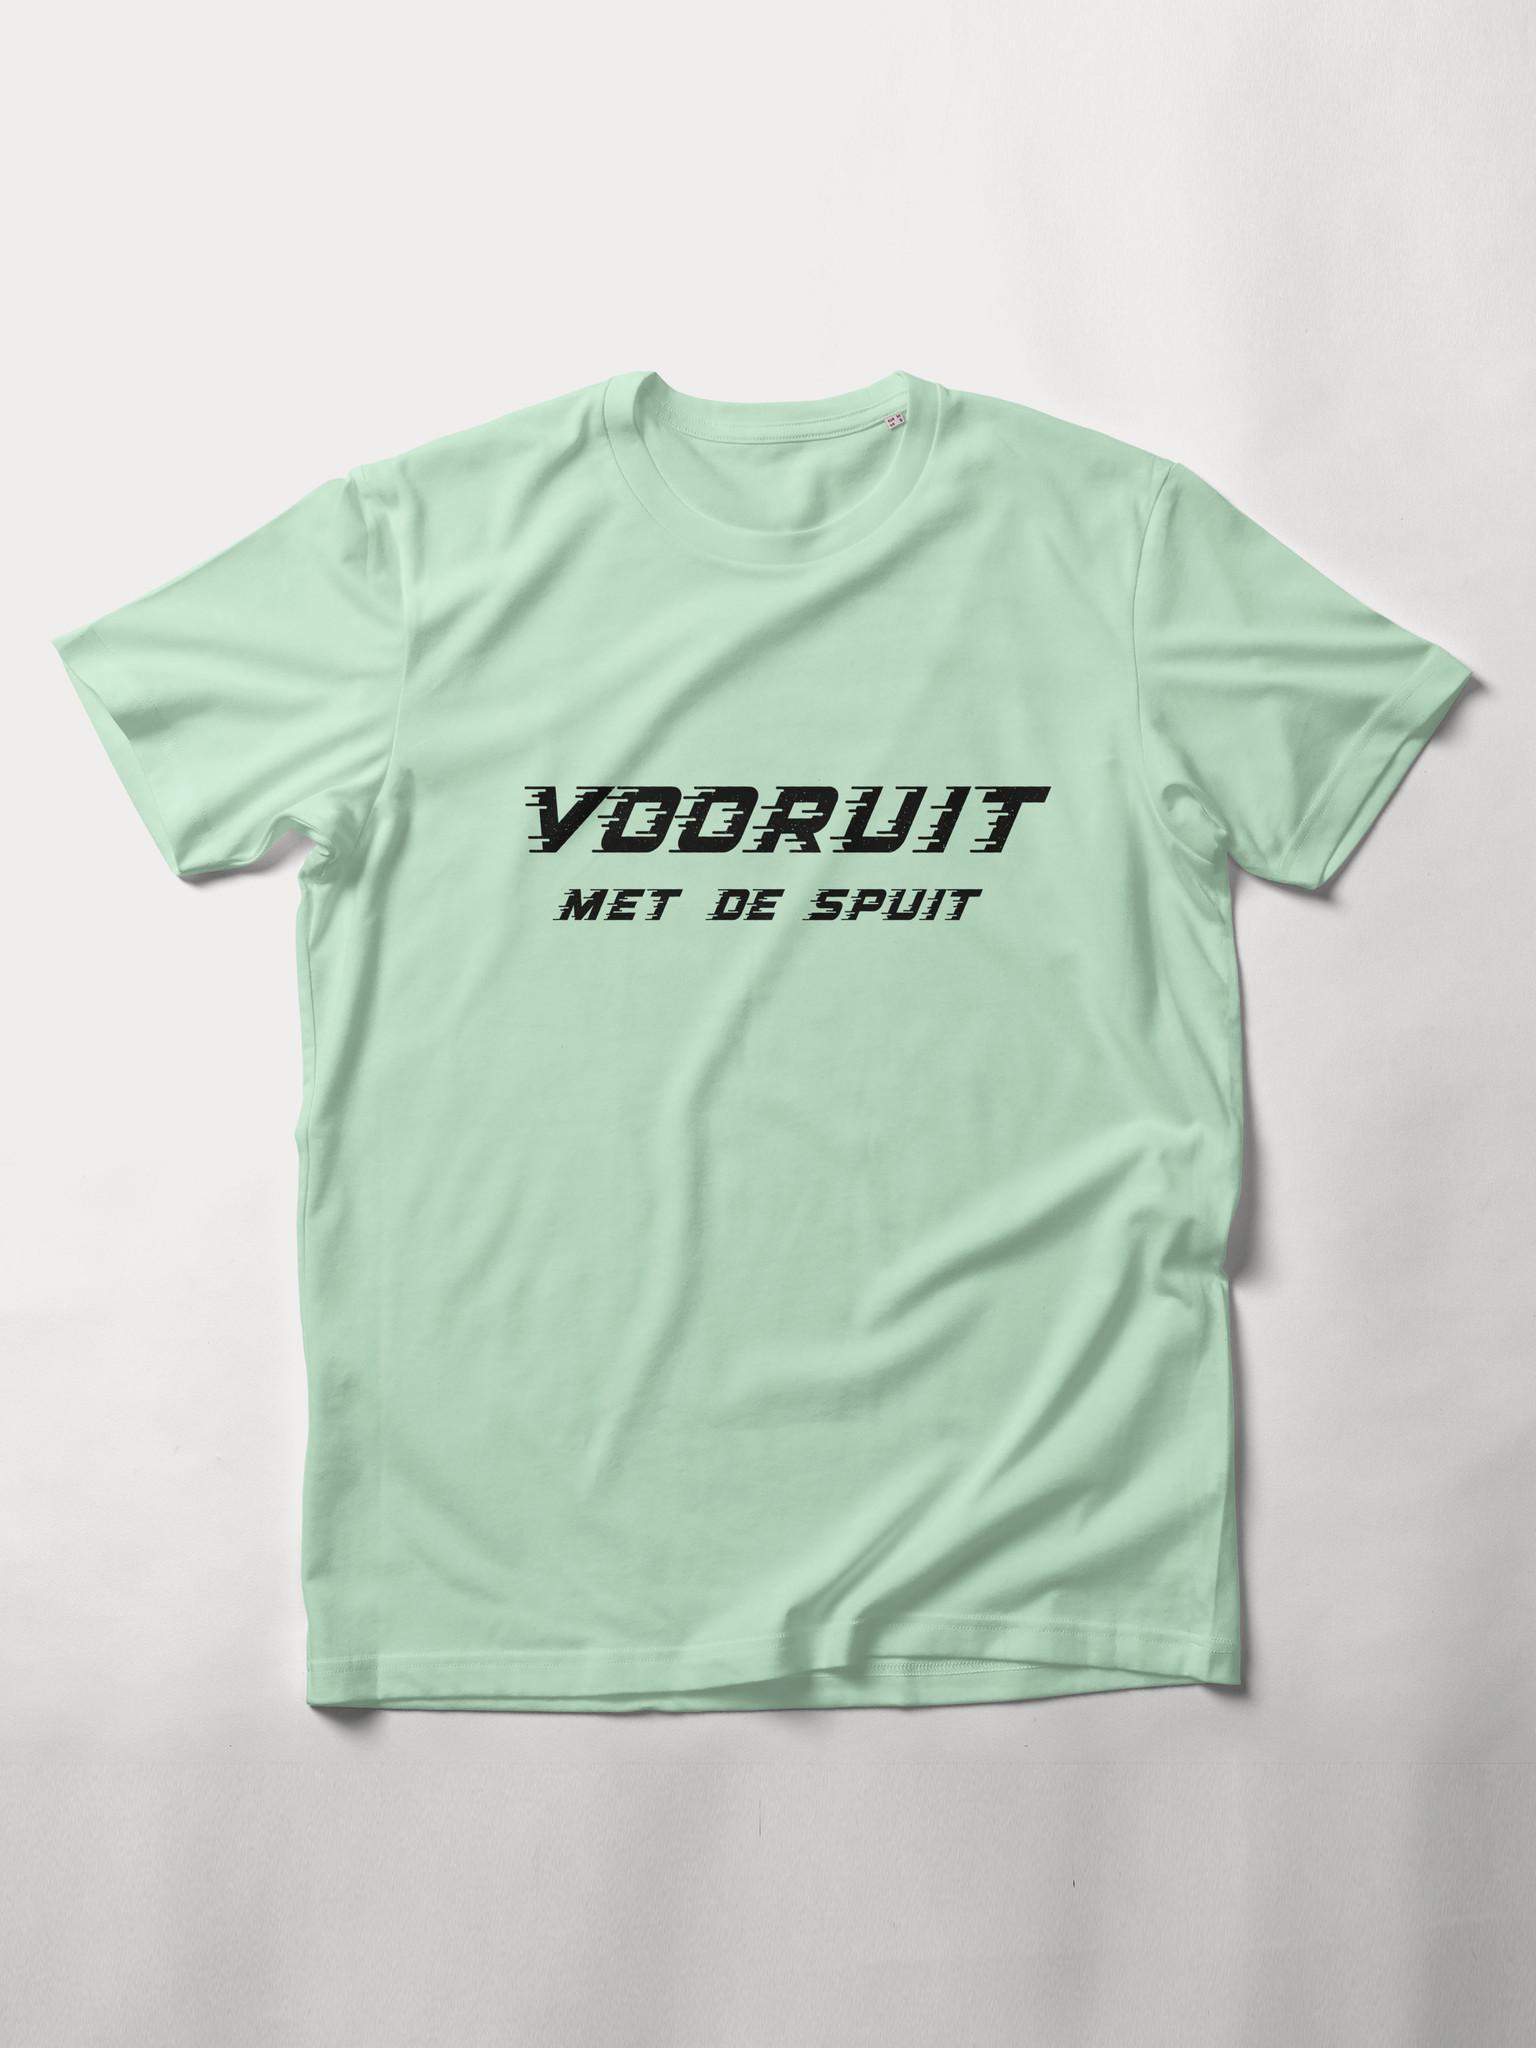 MYSHIRT VOORUIT MET DE SPUIT T-SHIRT STEM GREEN